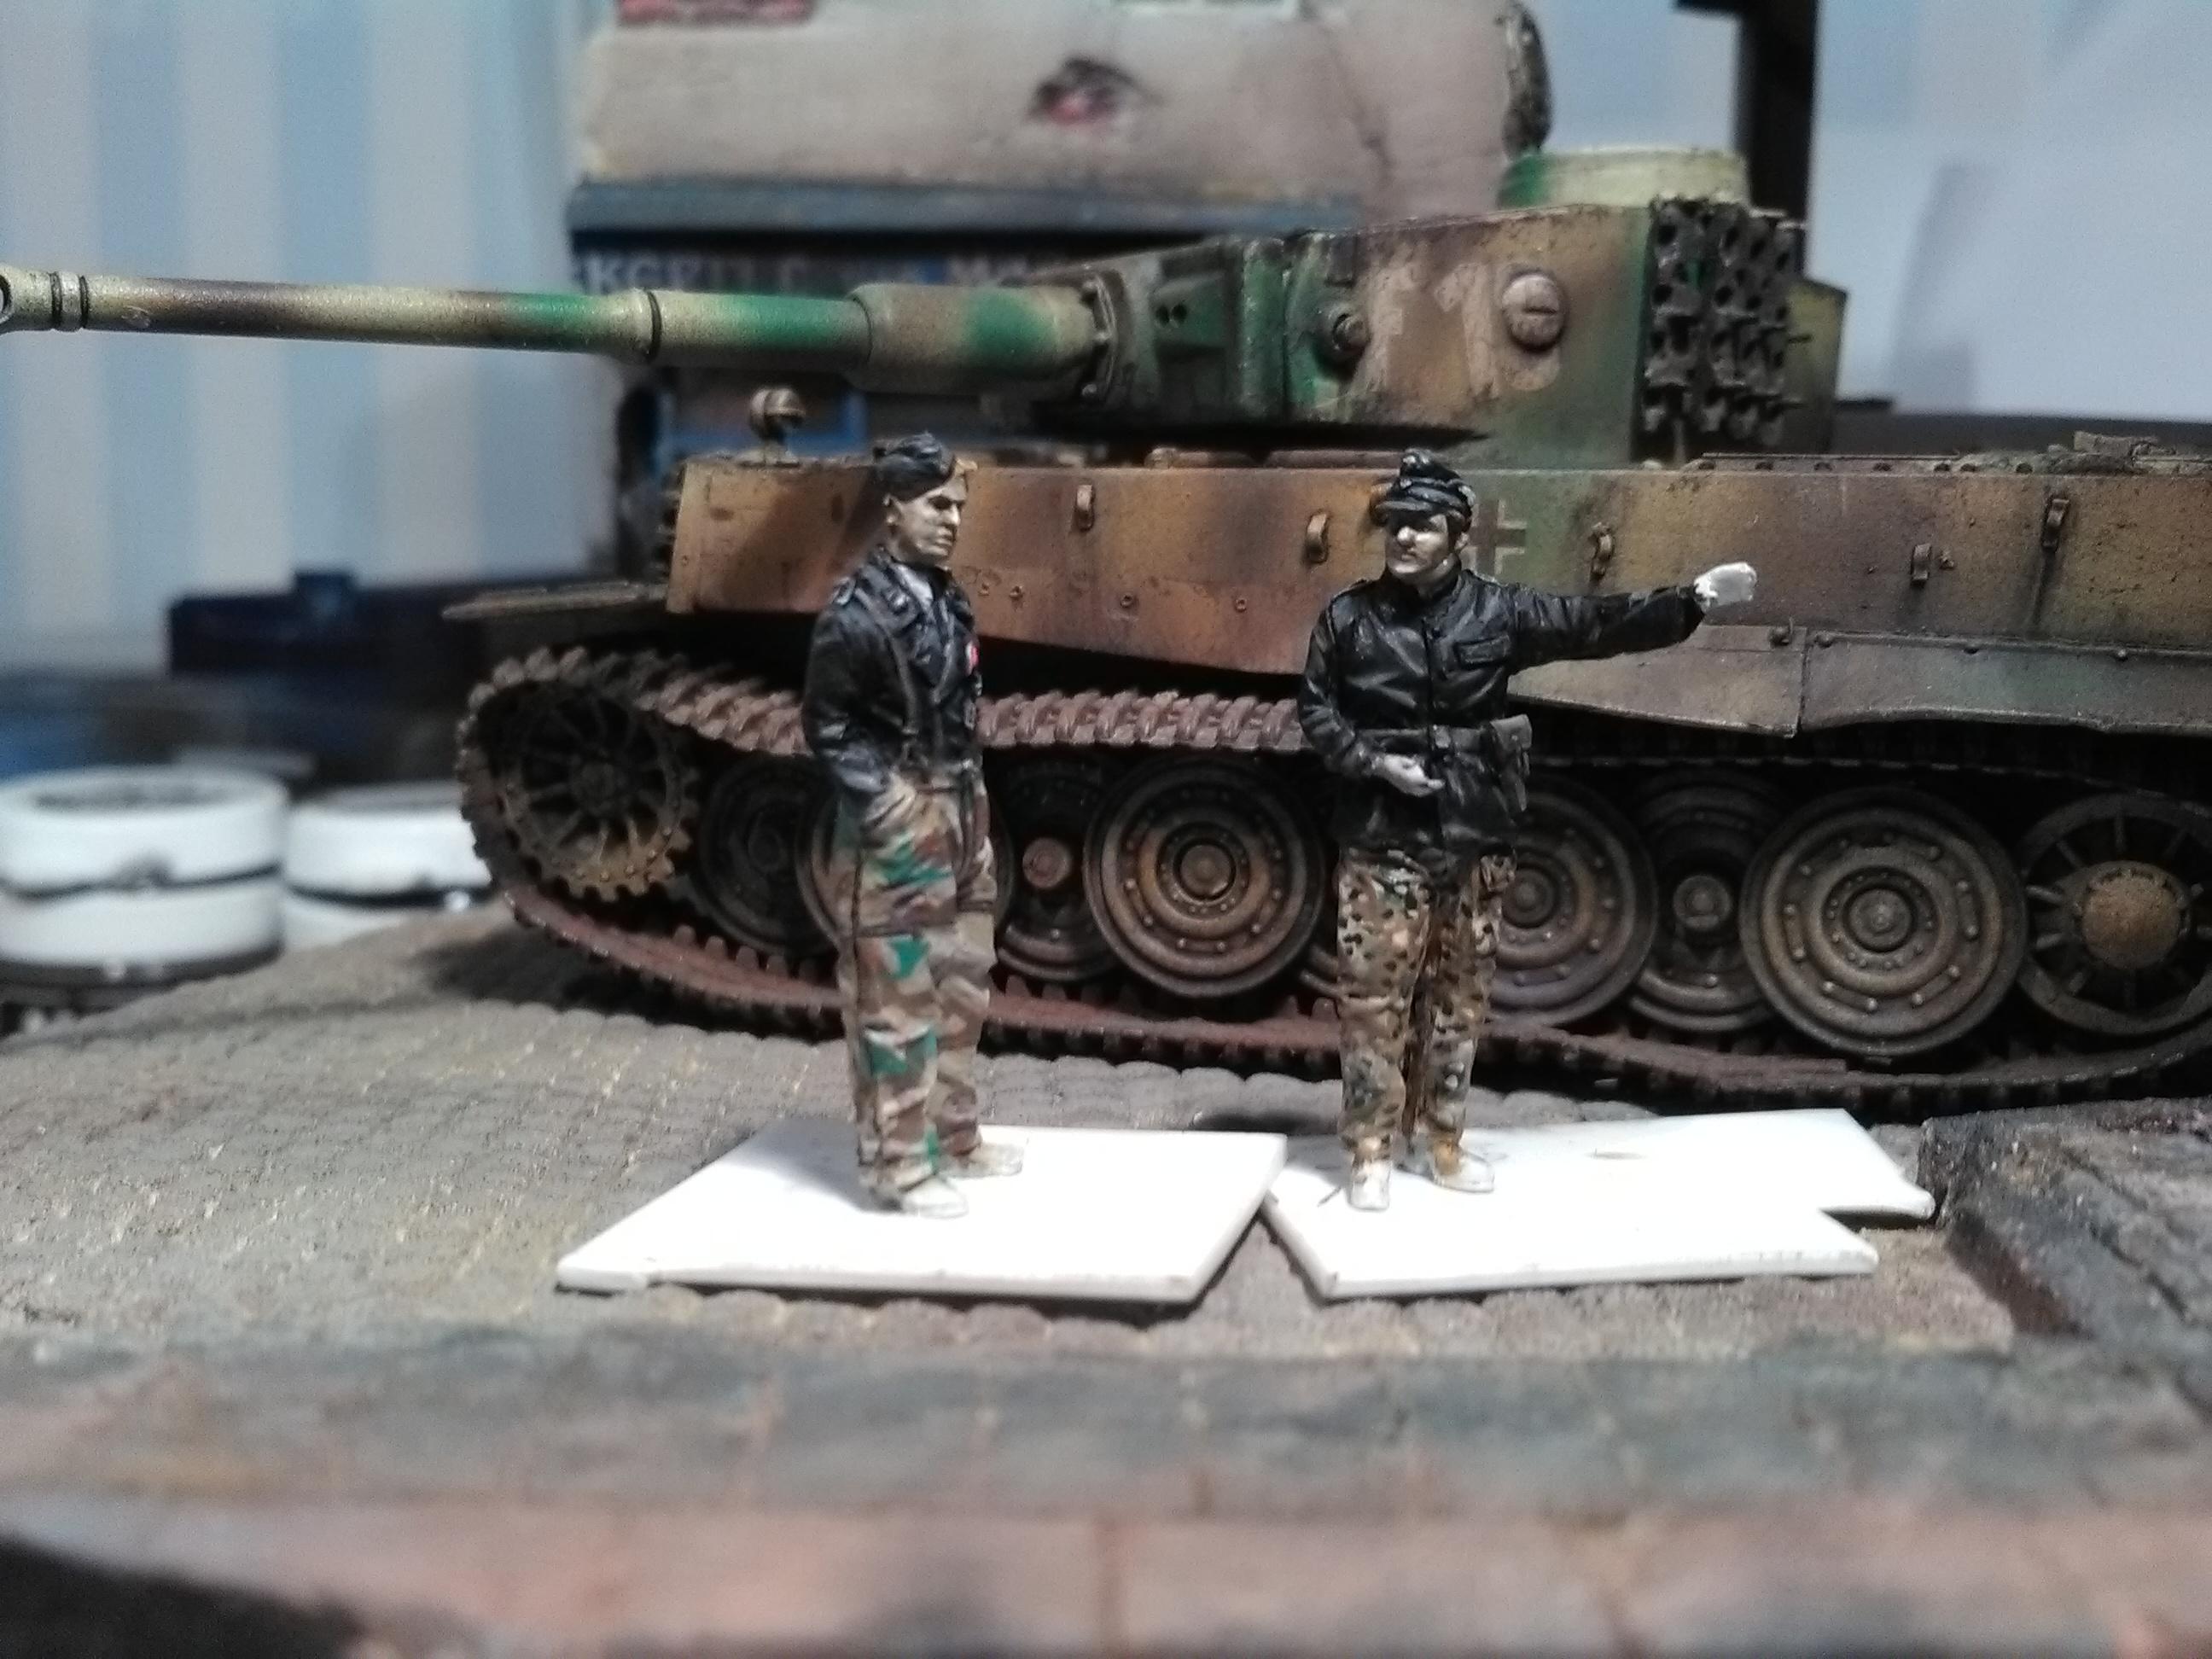 Le Survivant 1/72 - (Tigre 1 Allemagne 1945) - Page 2 IMG_20161203_200813